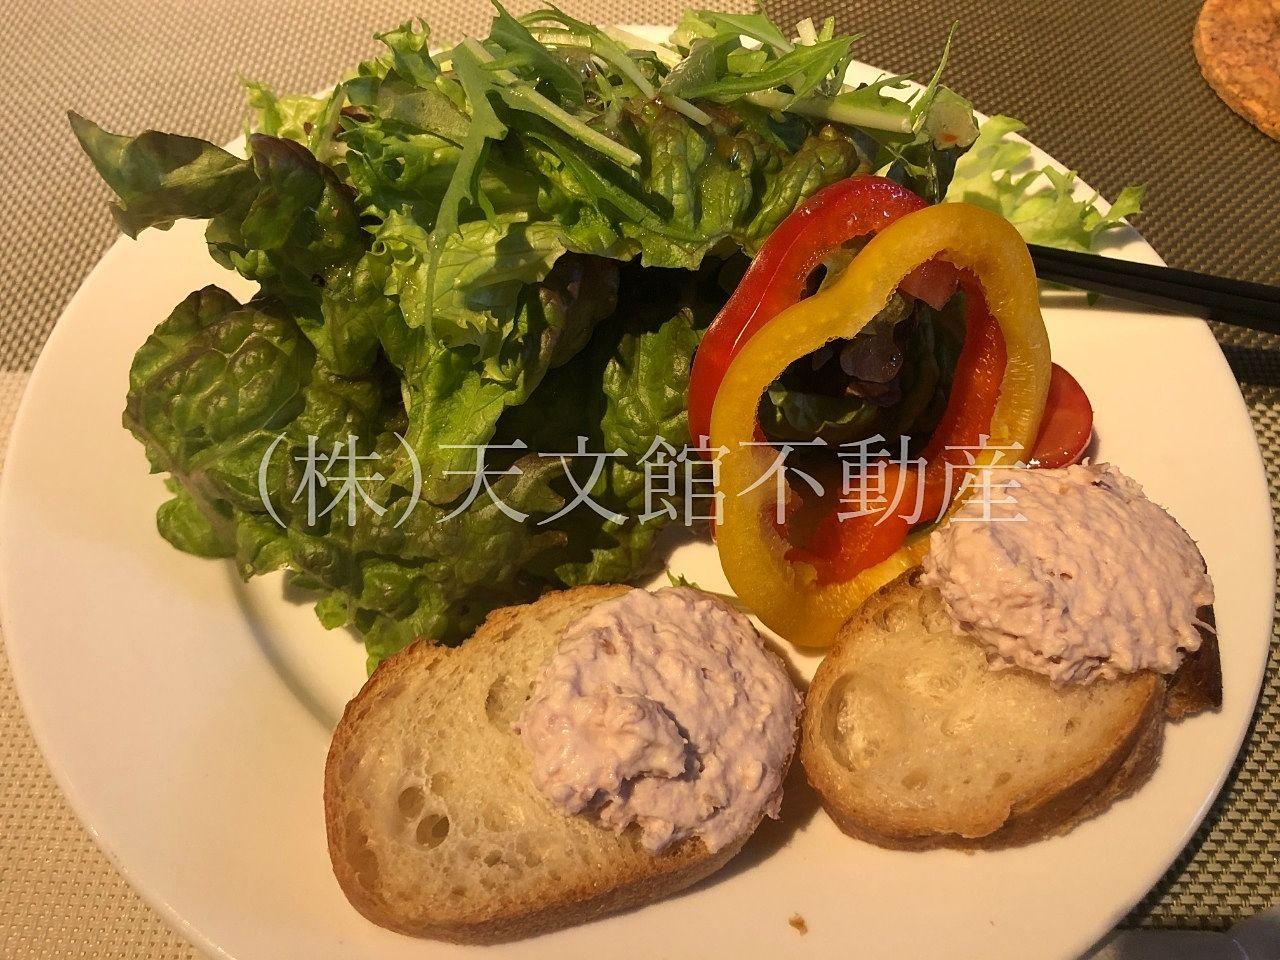 鹿児島市城山町「DINIZ CAFE (ジニスカフェ)」の前菜は美味しいです。